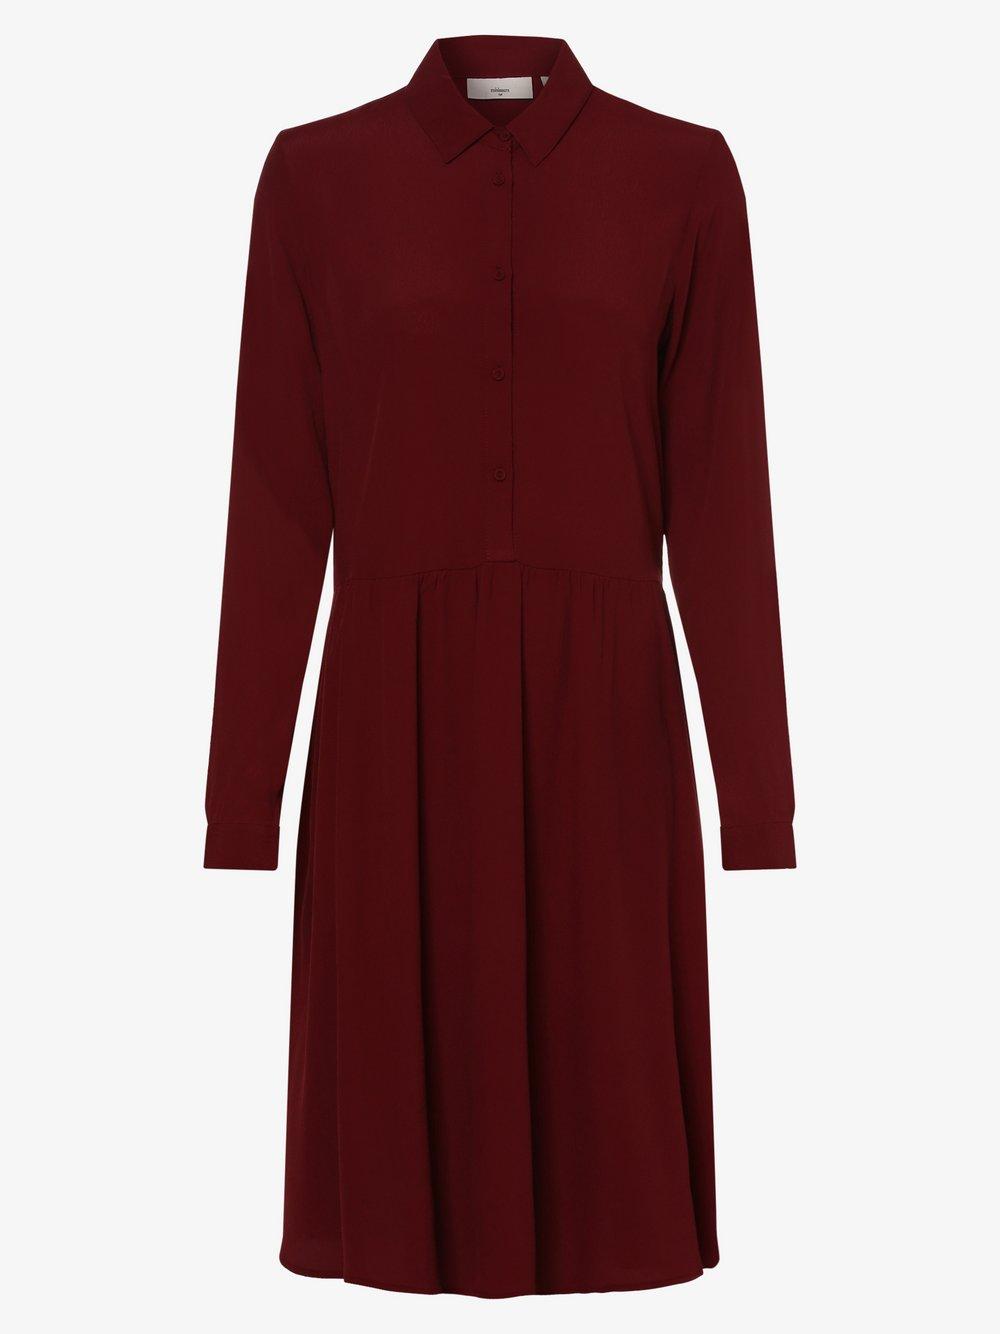 Minimum – Sukienka damska – Bindie, czerwony Van Graaf 445204-0001-00360